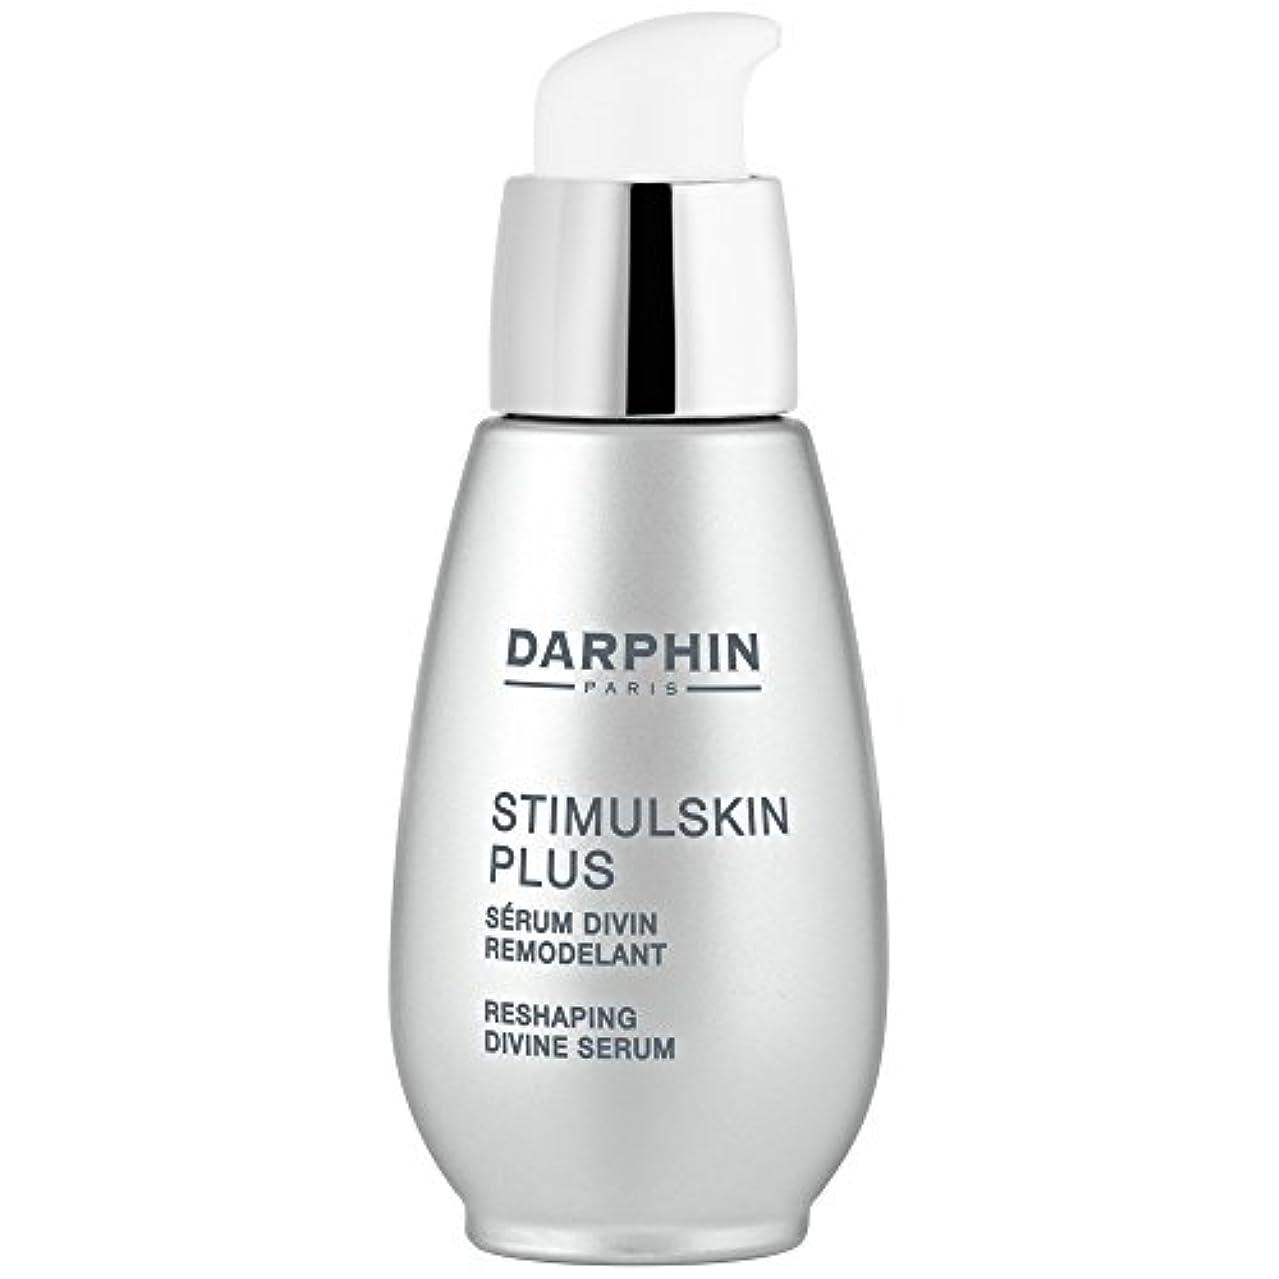 振幅紀元前支配的ダルファンスティプラス神整形血清15ミリリットル (Darphin) - Darphin Stimulskin Plus Divine Reshaping Serum 15ml [並行輸入品]